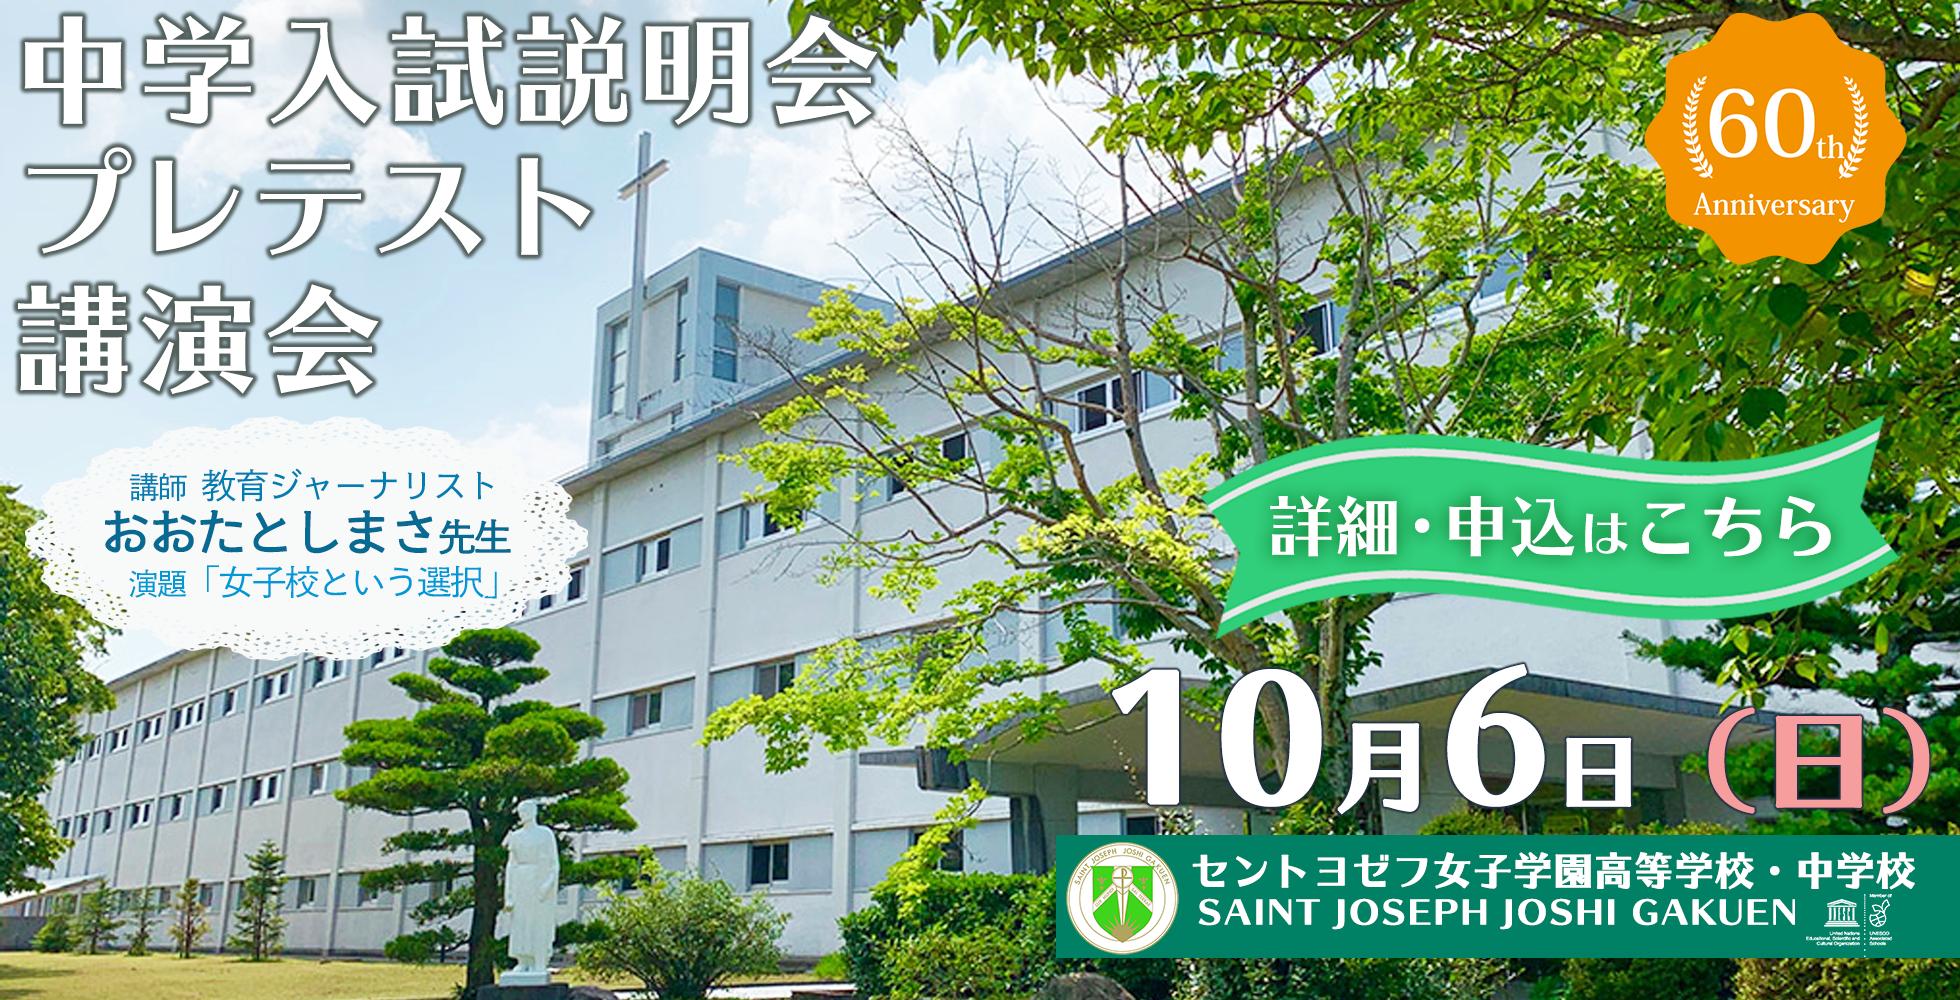 中学入試説明会・プレテスト・講演会